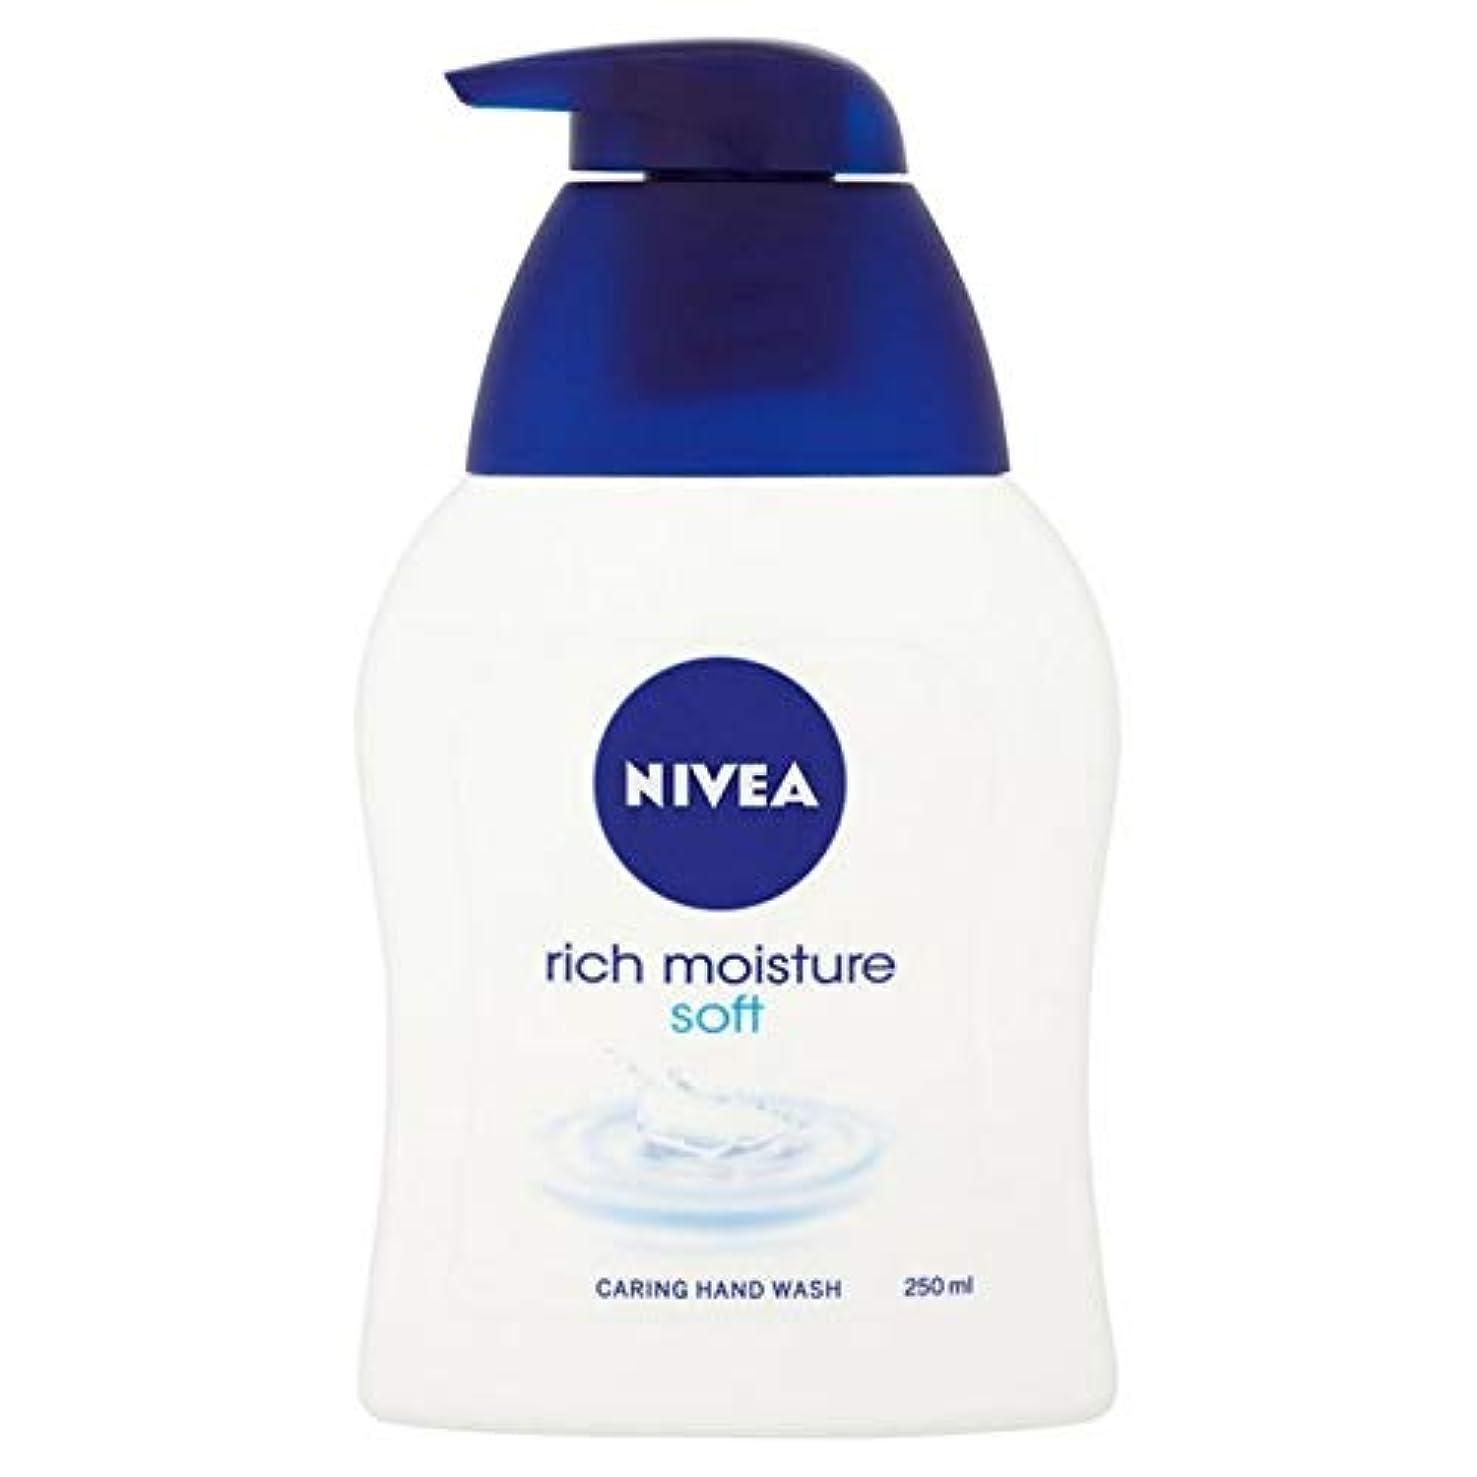 条約ポーン痛み[Nivea ] ニベア豊富な水分ソフト思いやり手洗いの250ミリリットル - Nivea Rich Moisture Soft Caring Hand Wash 250ml [並行輸入品]